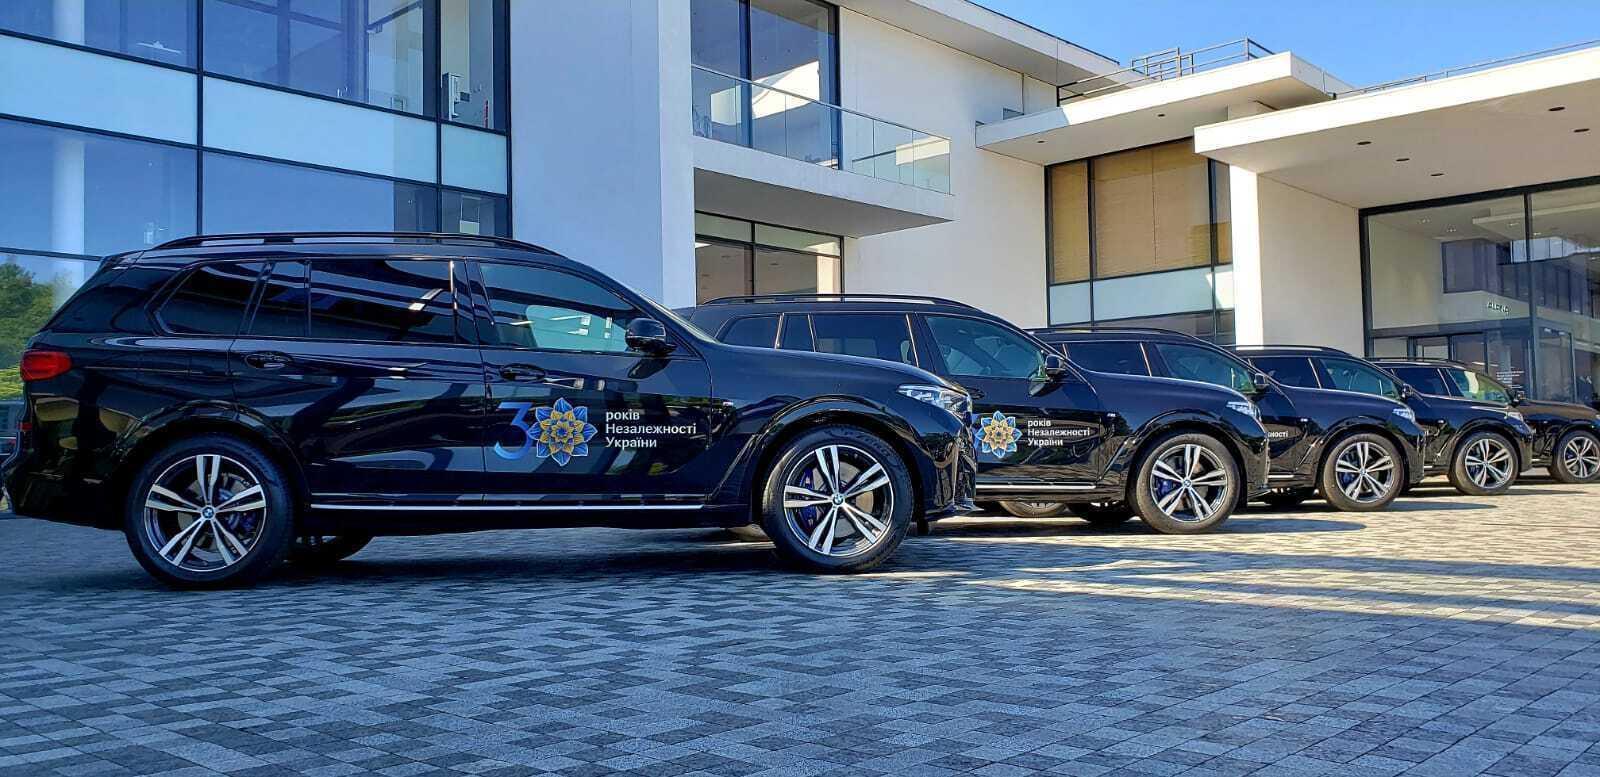 УГО арендовало автомобили для охраны иностранных делегаций